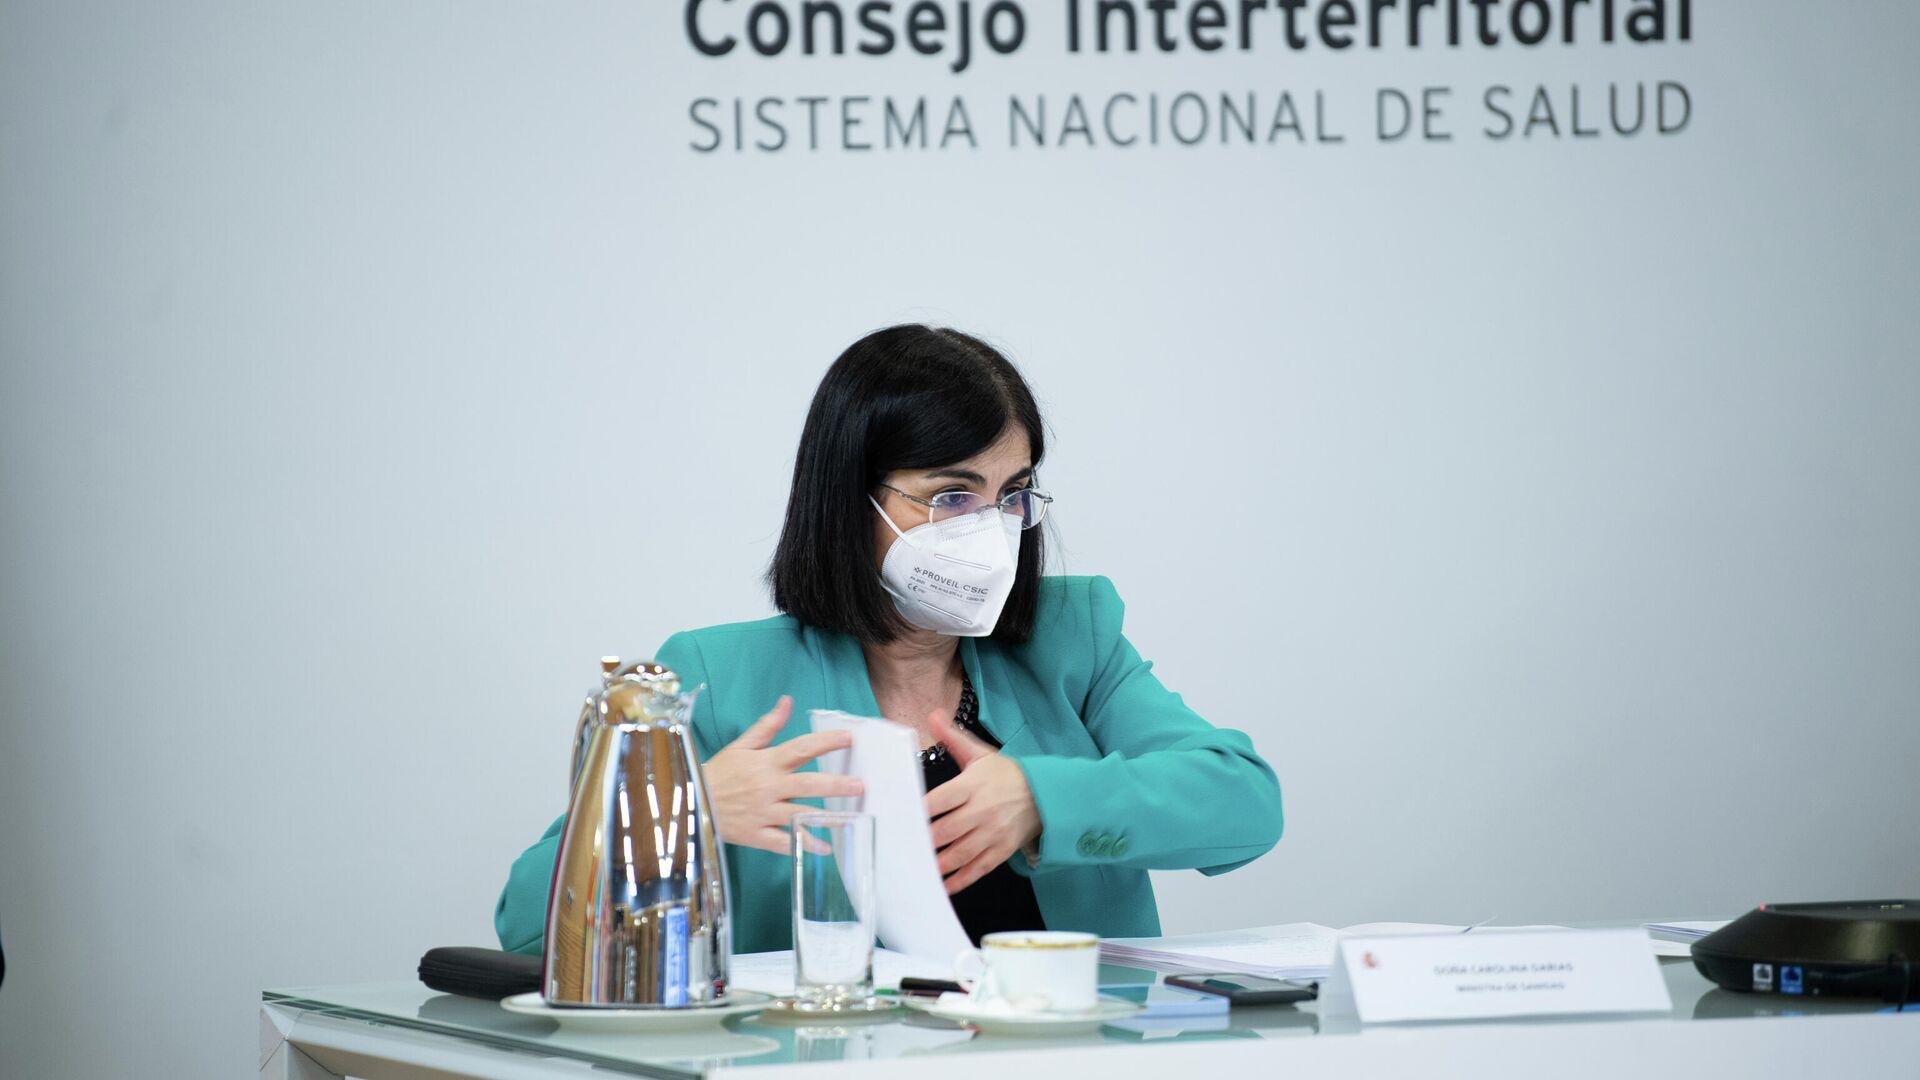 La ministra de Sanidad de España, Carolina Darias, durante la rueda de prensa del Consejo Interterritorial del Sistema Nacional de Salud - Sputnik Mundo, 1920, 07.06.2021